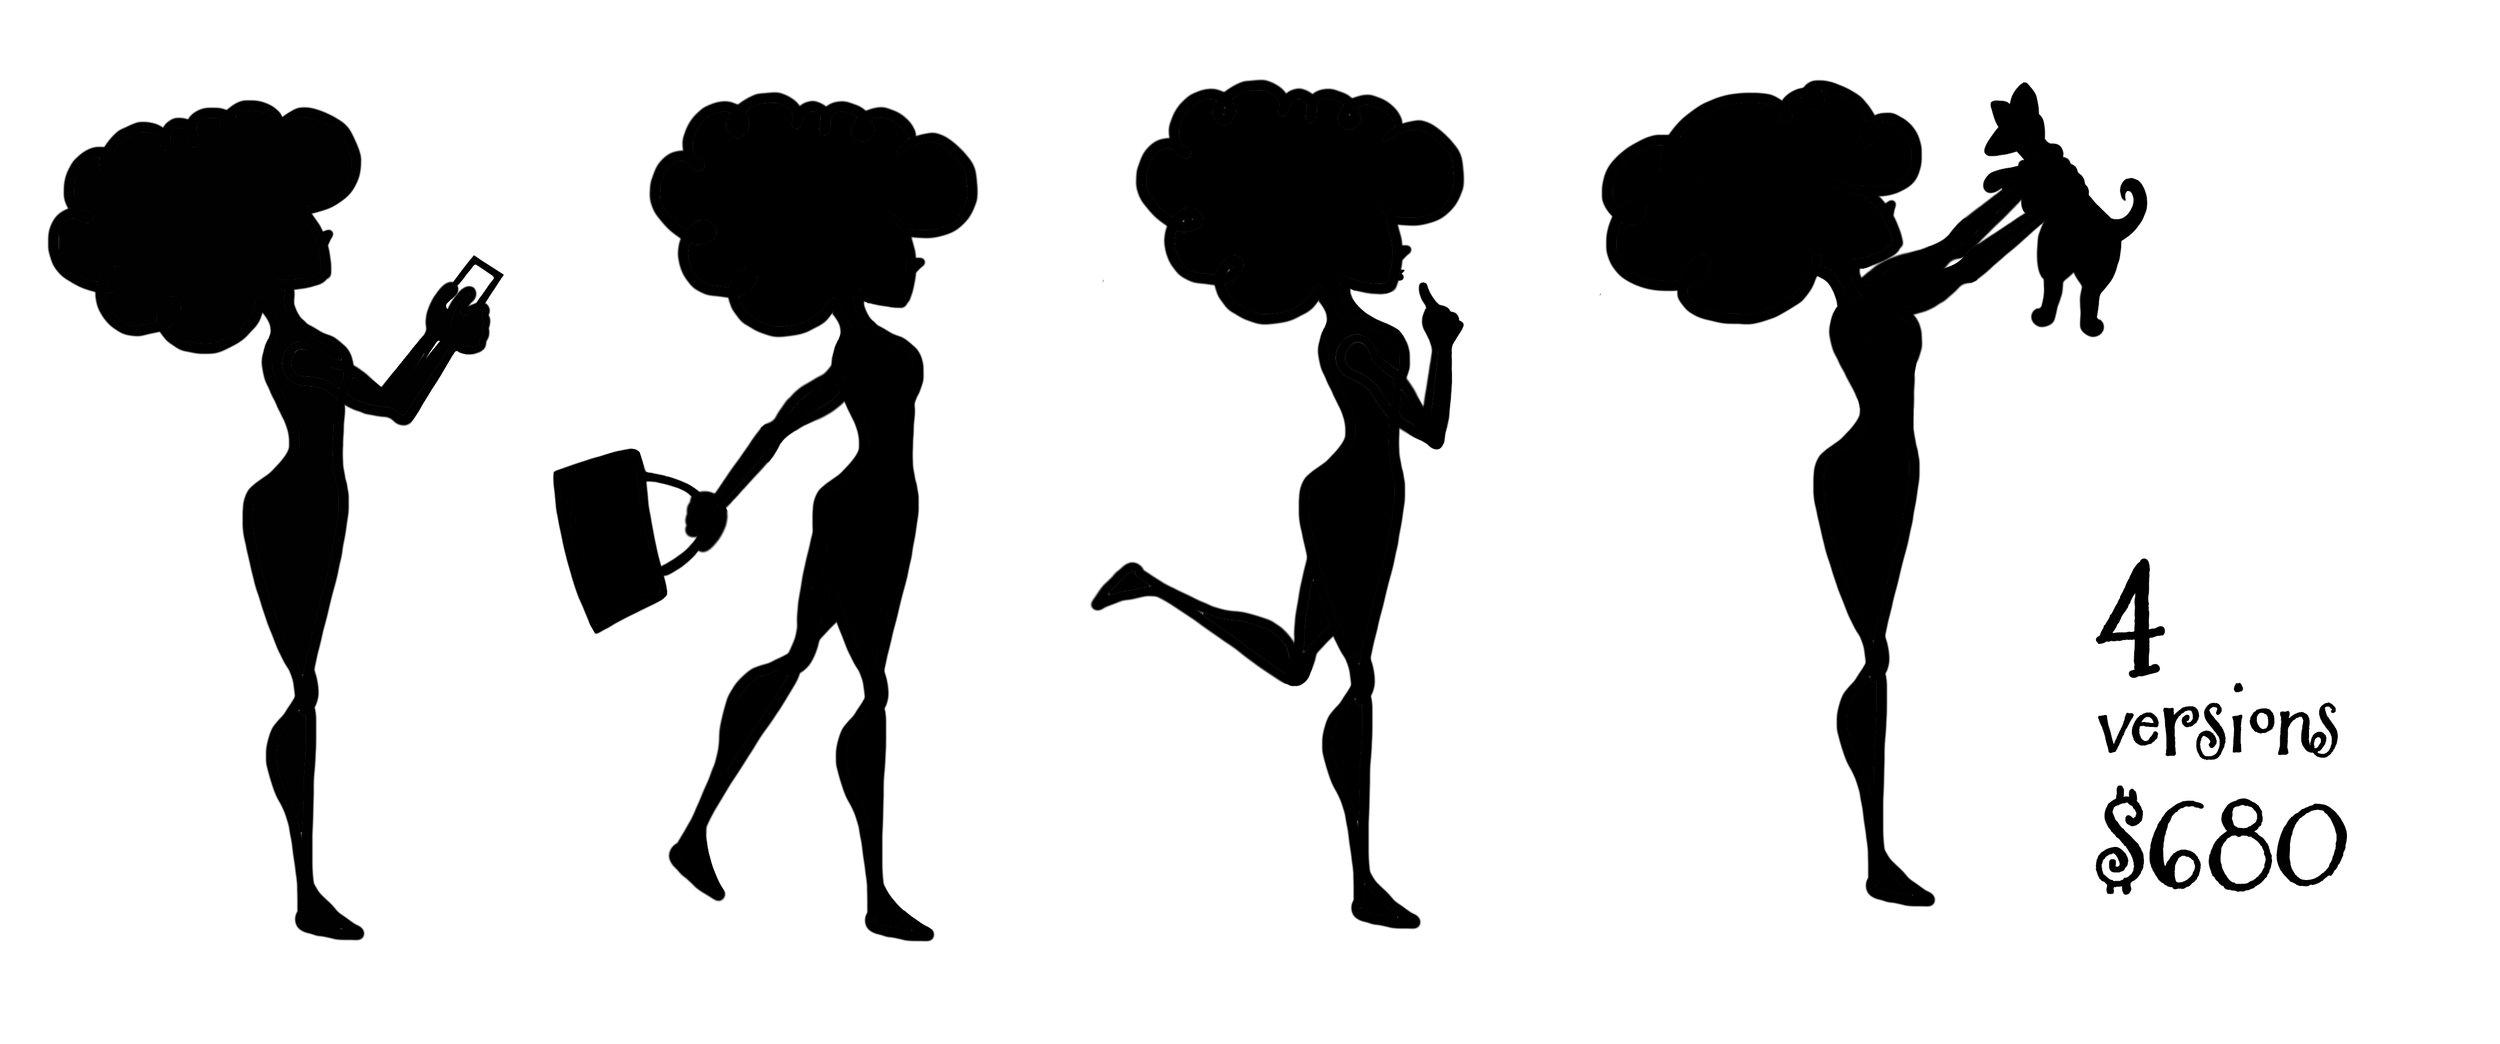 silhouette-hair-04.jpg